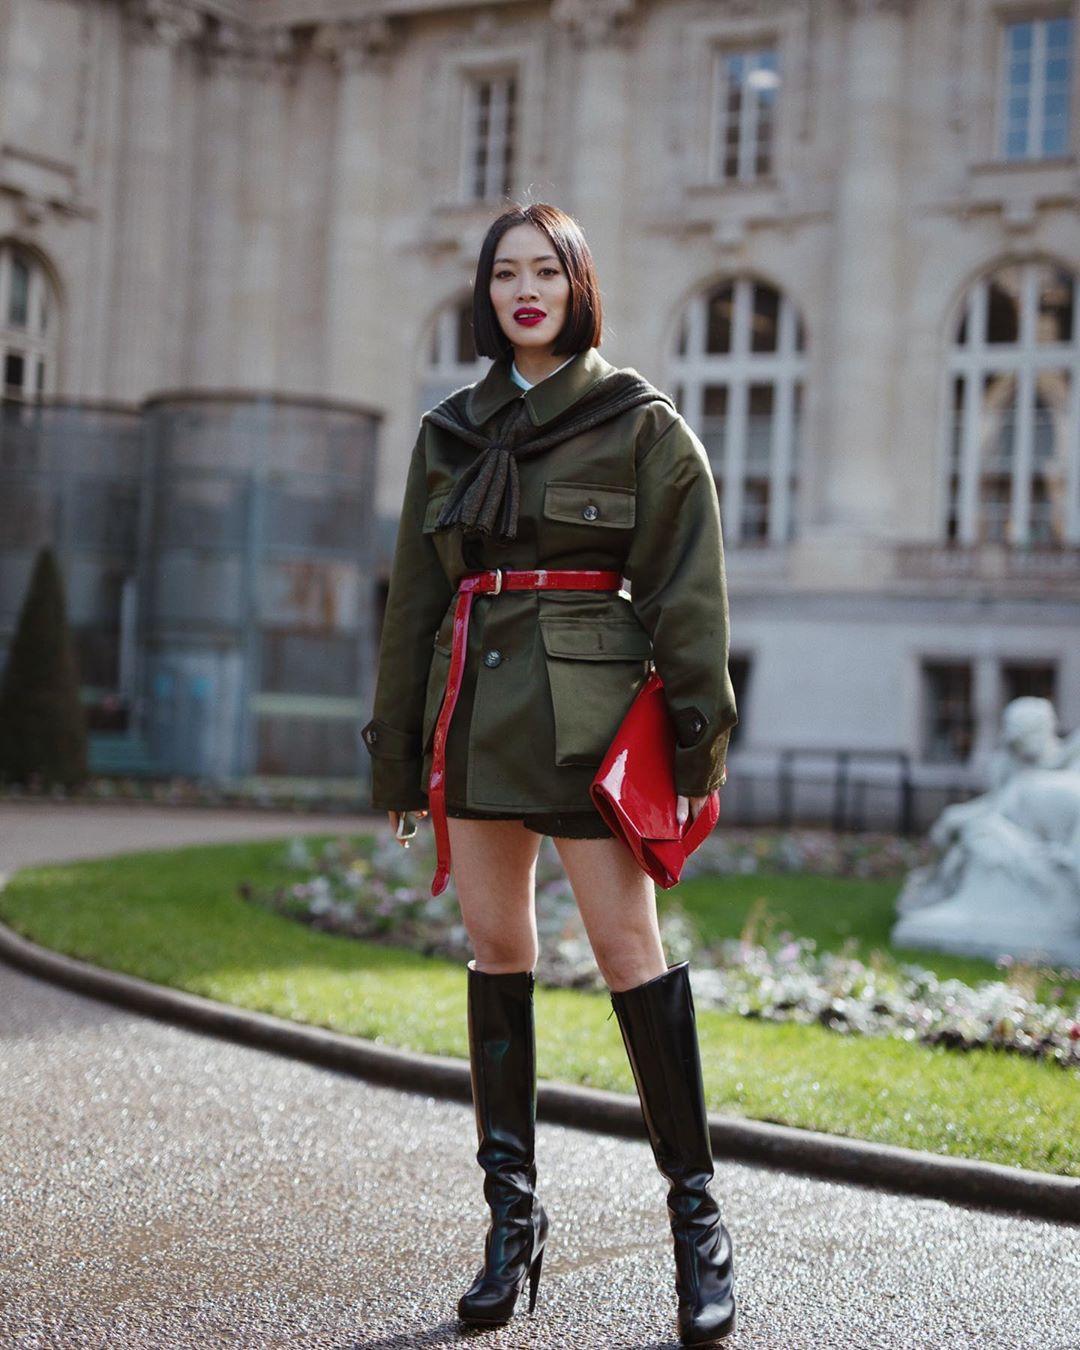 Tiffany-Hsu-Wallpapers-Insta-Fit-Bio-2